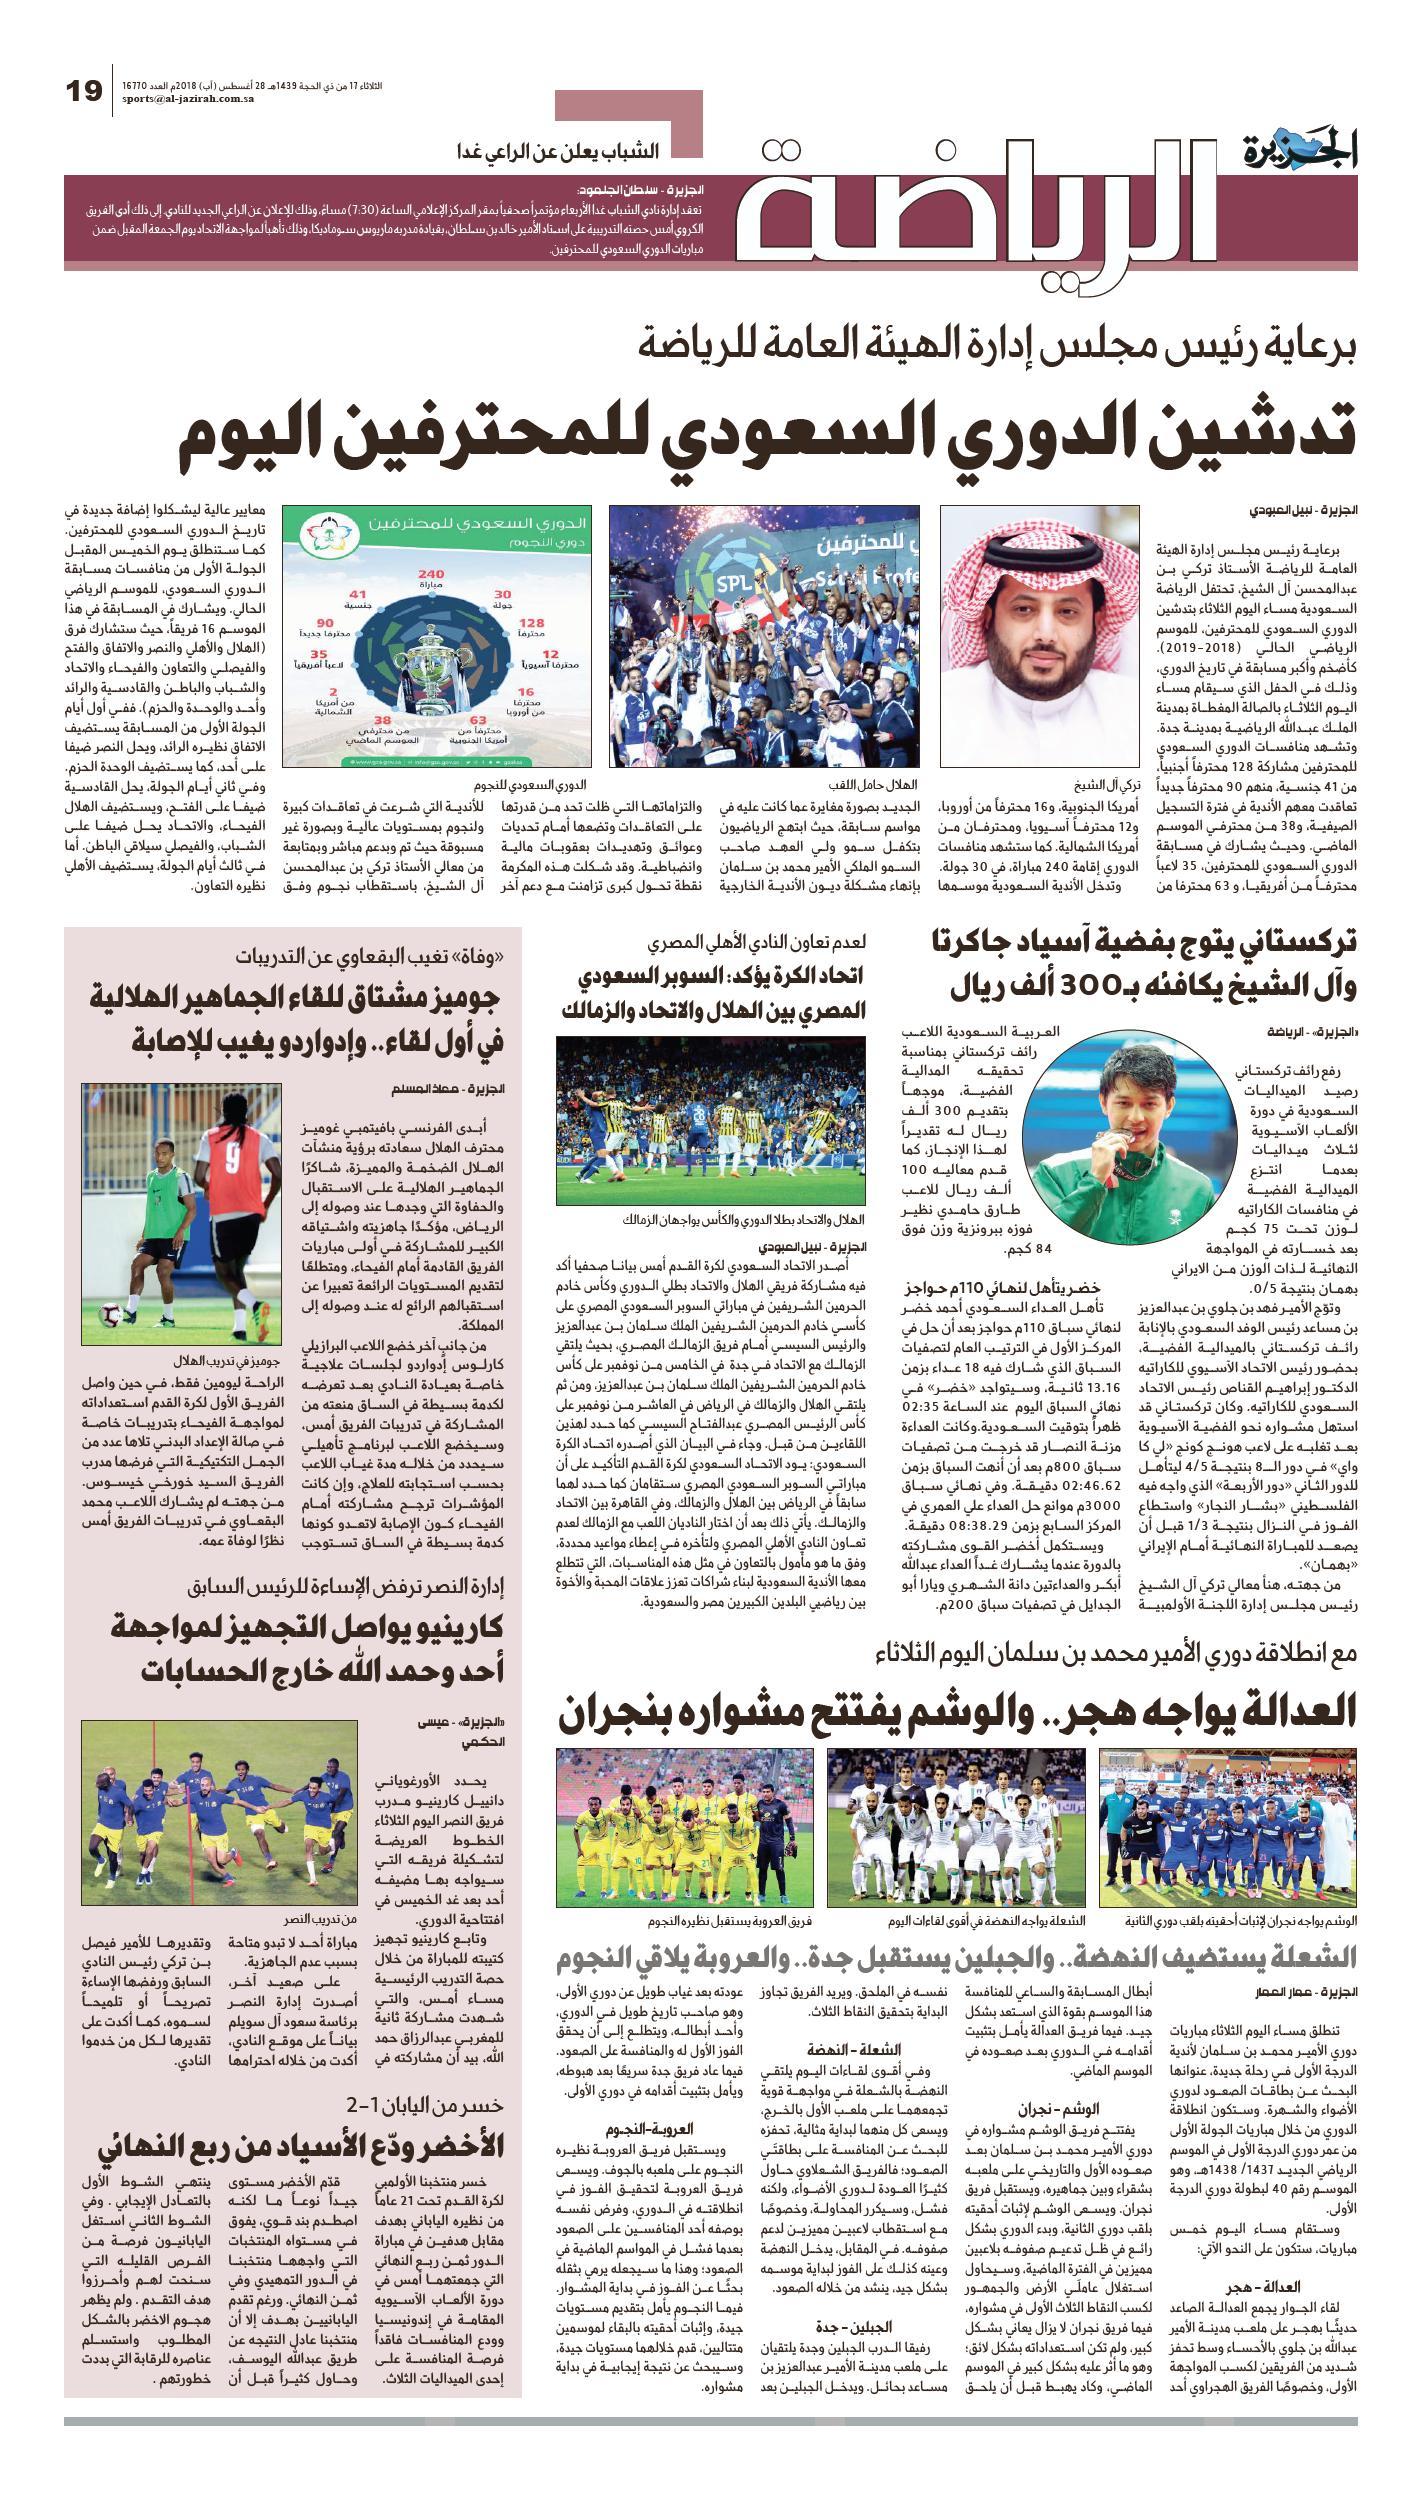 أخبار الاتحاد في الصحف ليوم الثلاثاء الموافق17/ 12/ 1439هـــ